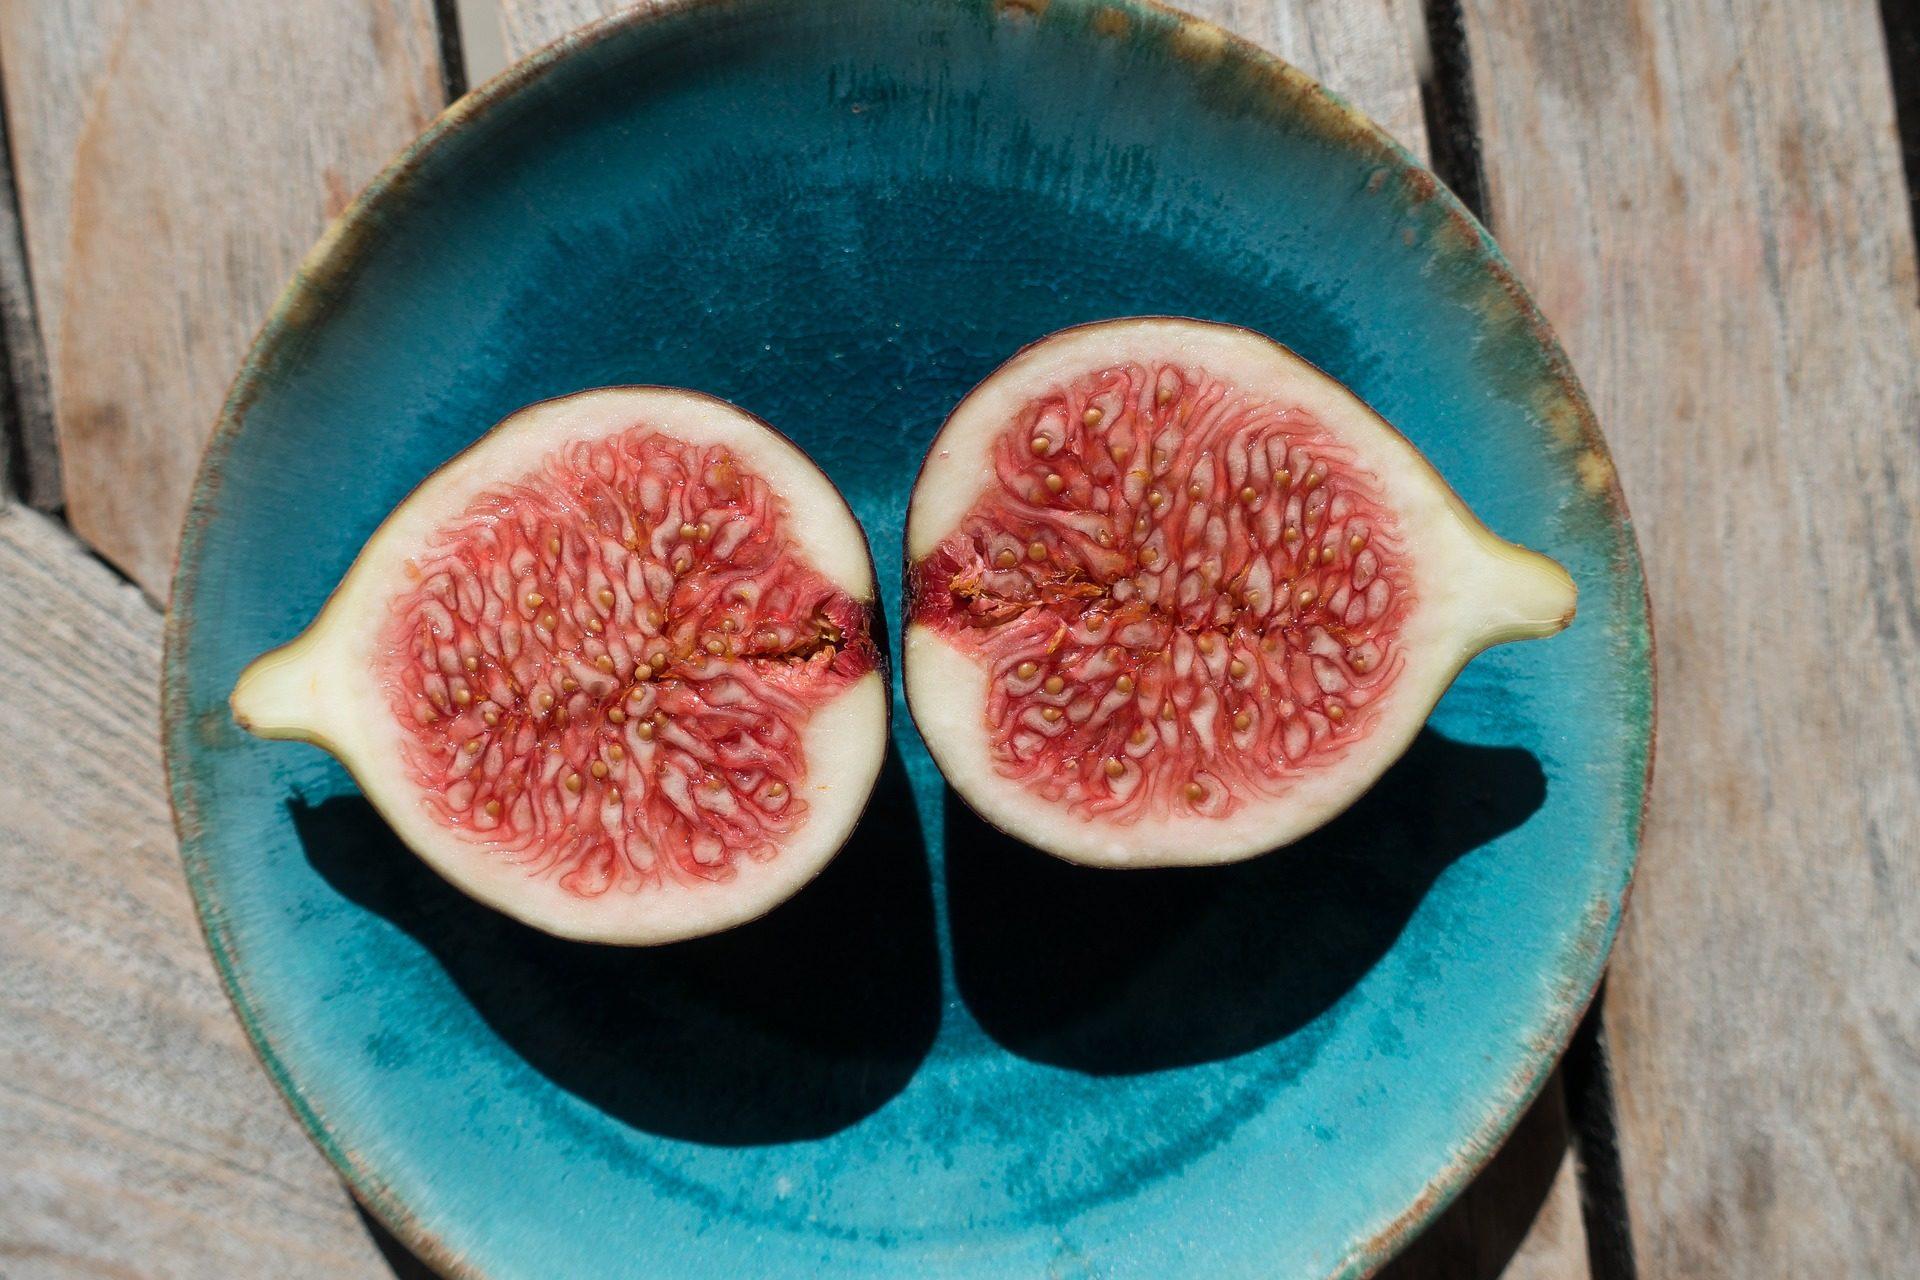 Fico, frutta, piatto, legno, Turchese - Sfondi HD - Professor-falken.com